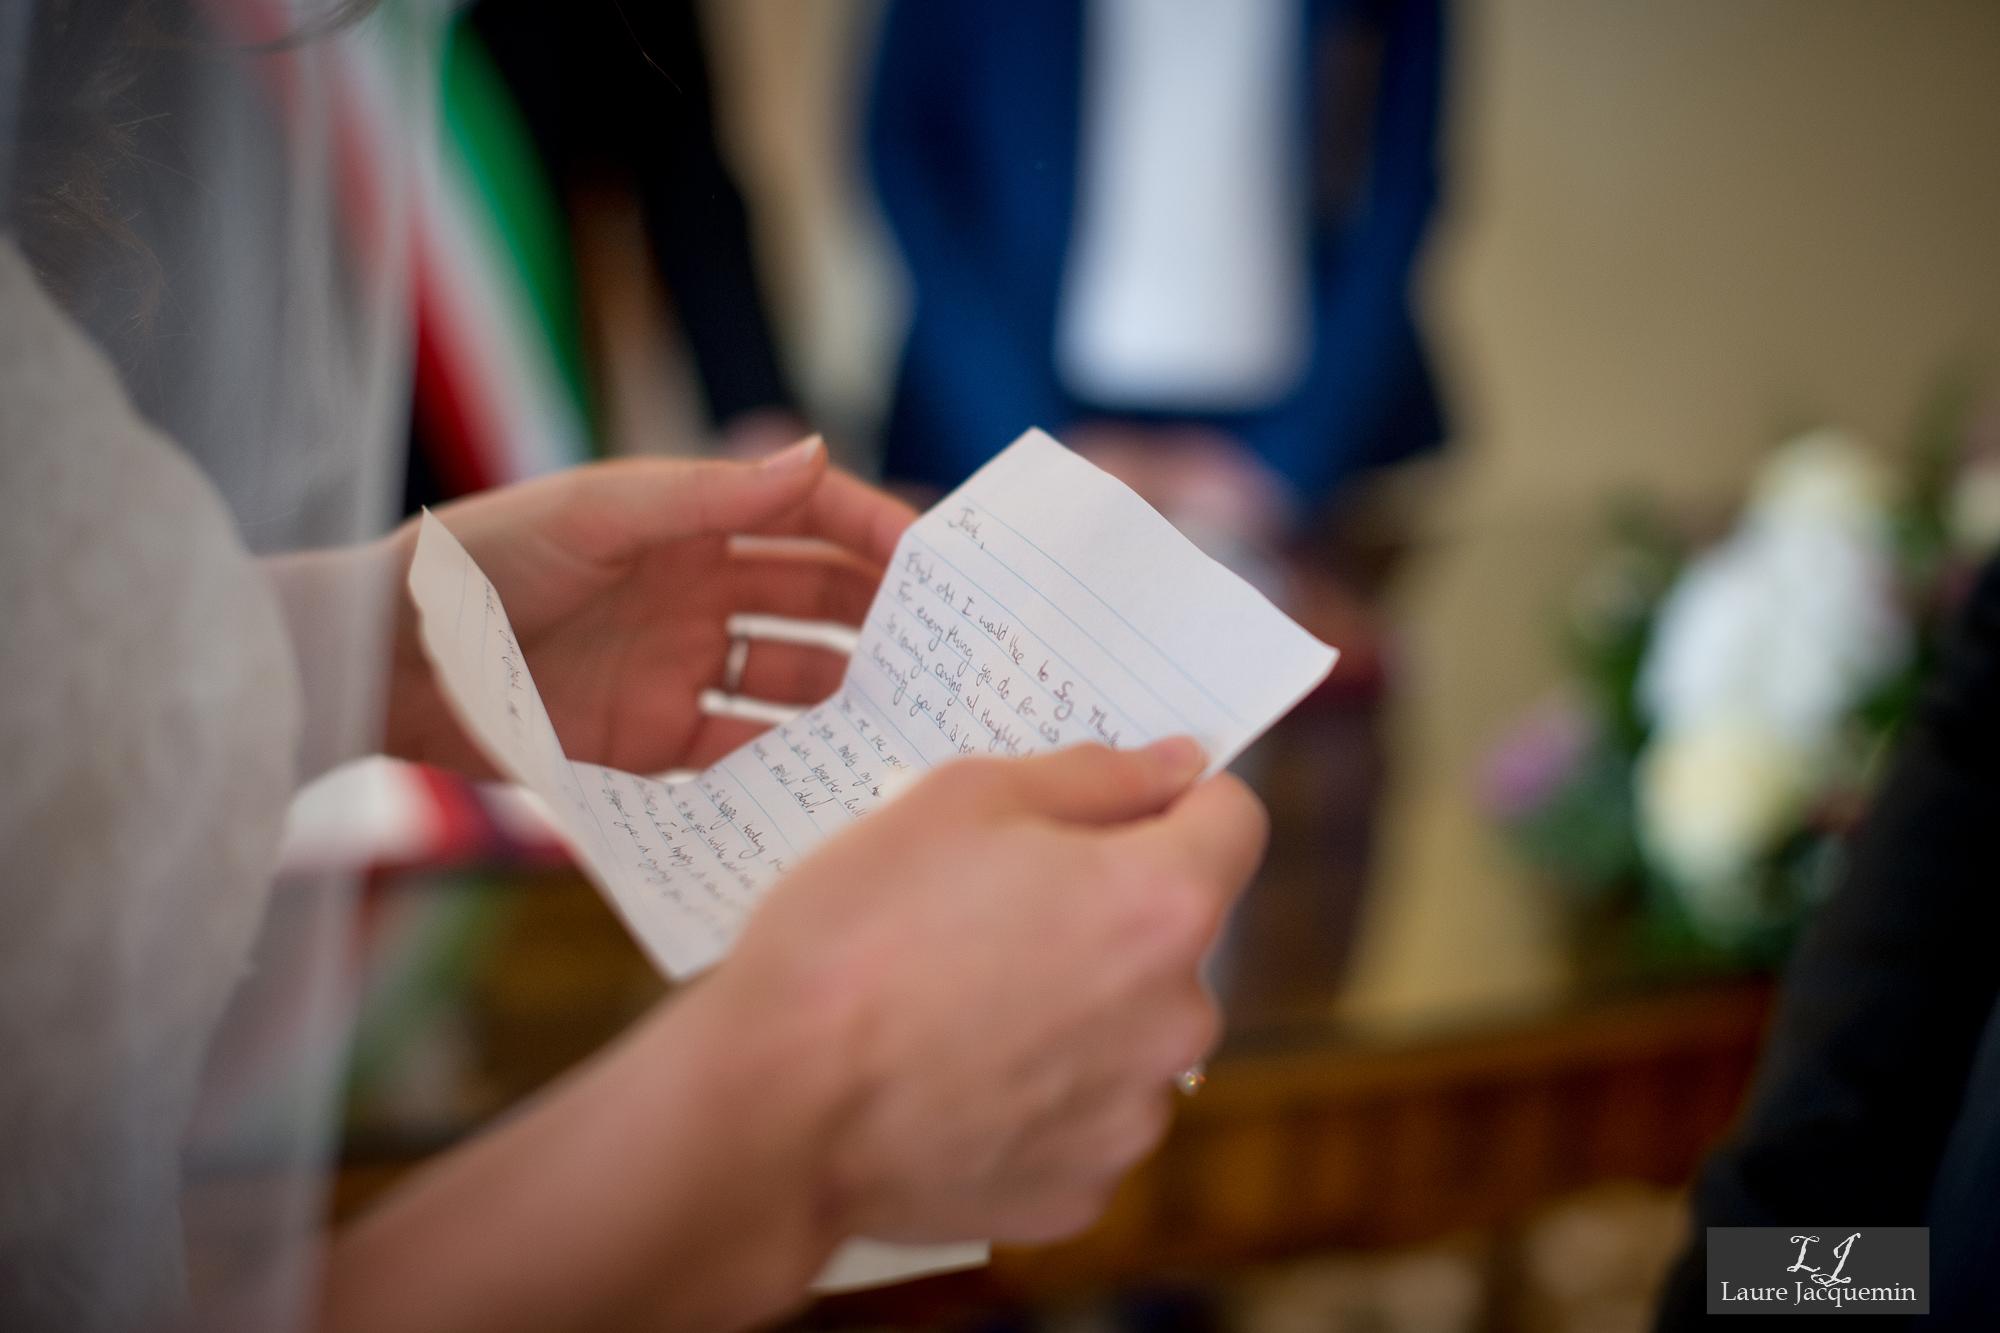 photographe mariage laure jacquemin palazzo cavalli service photographique (30)